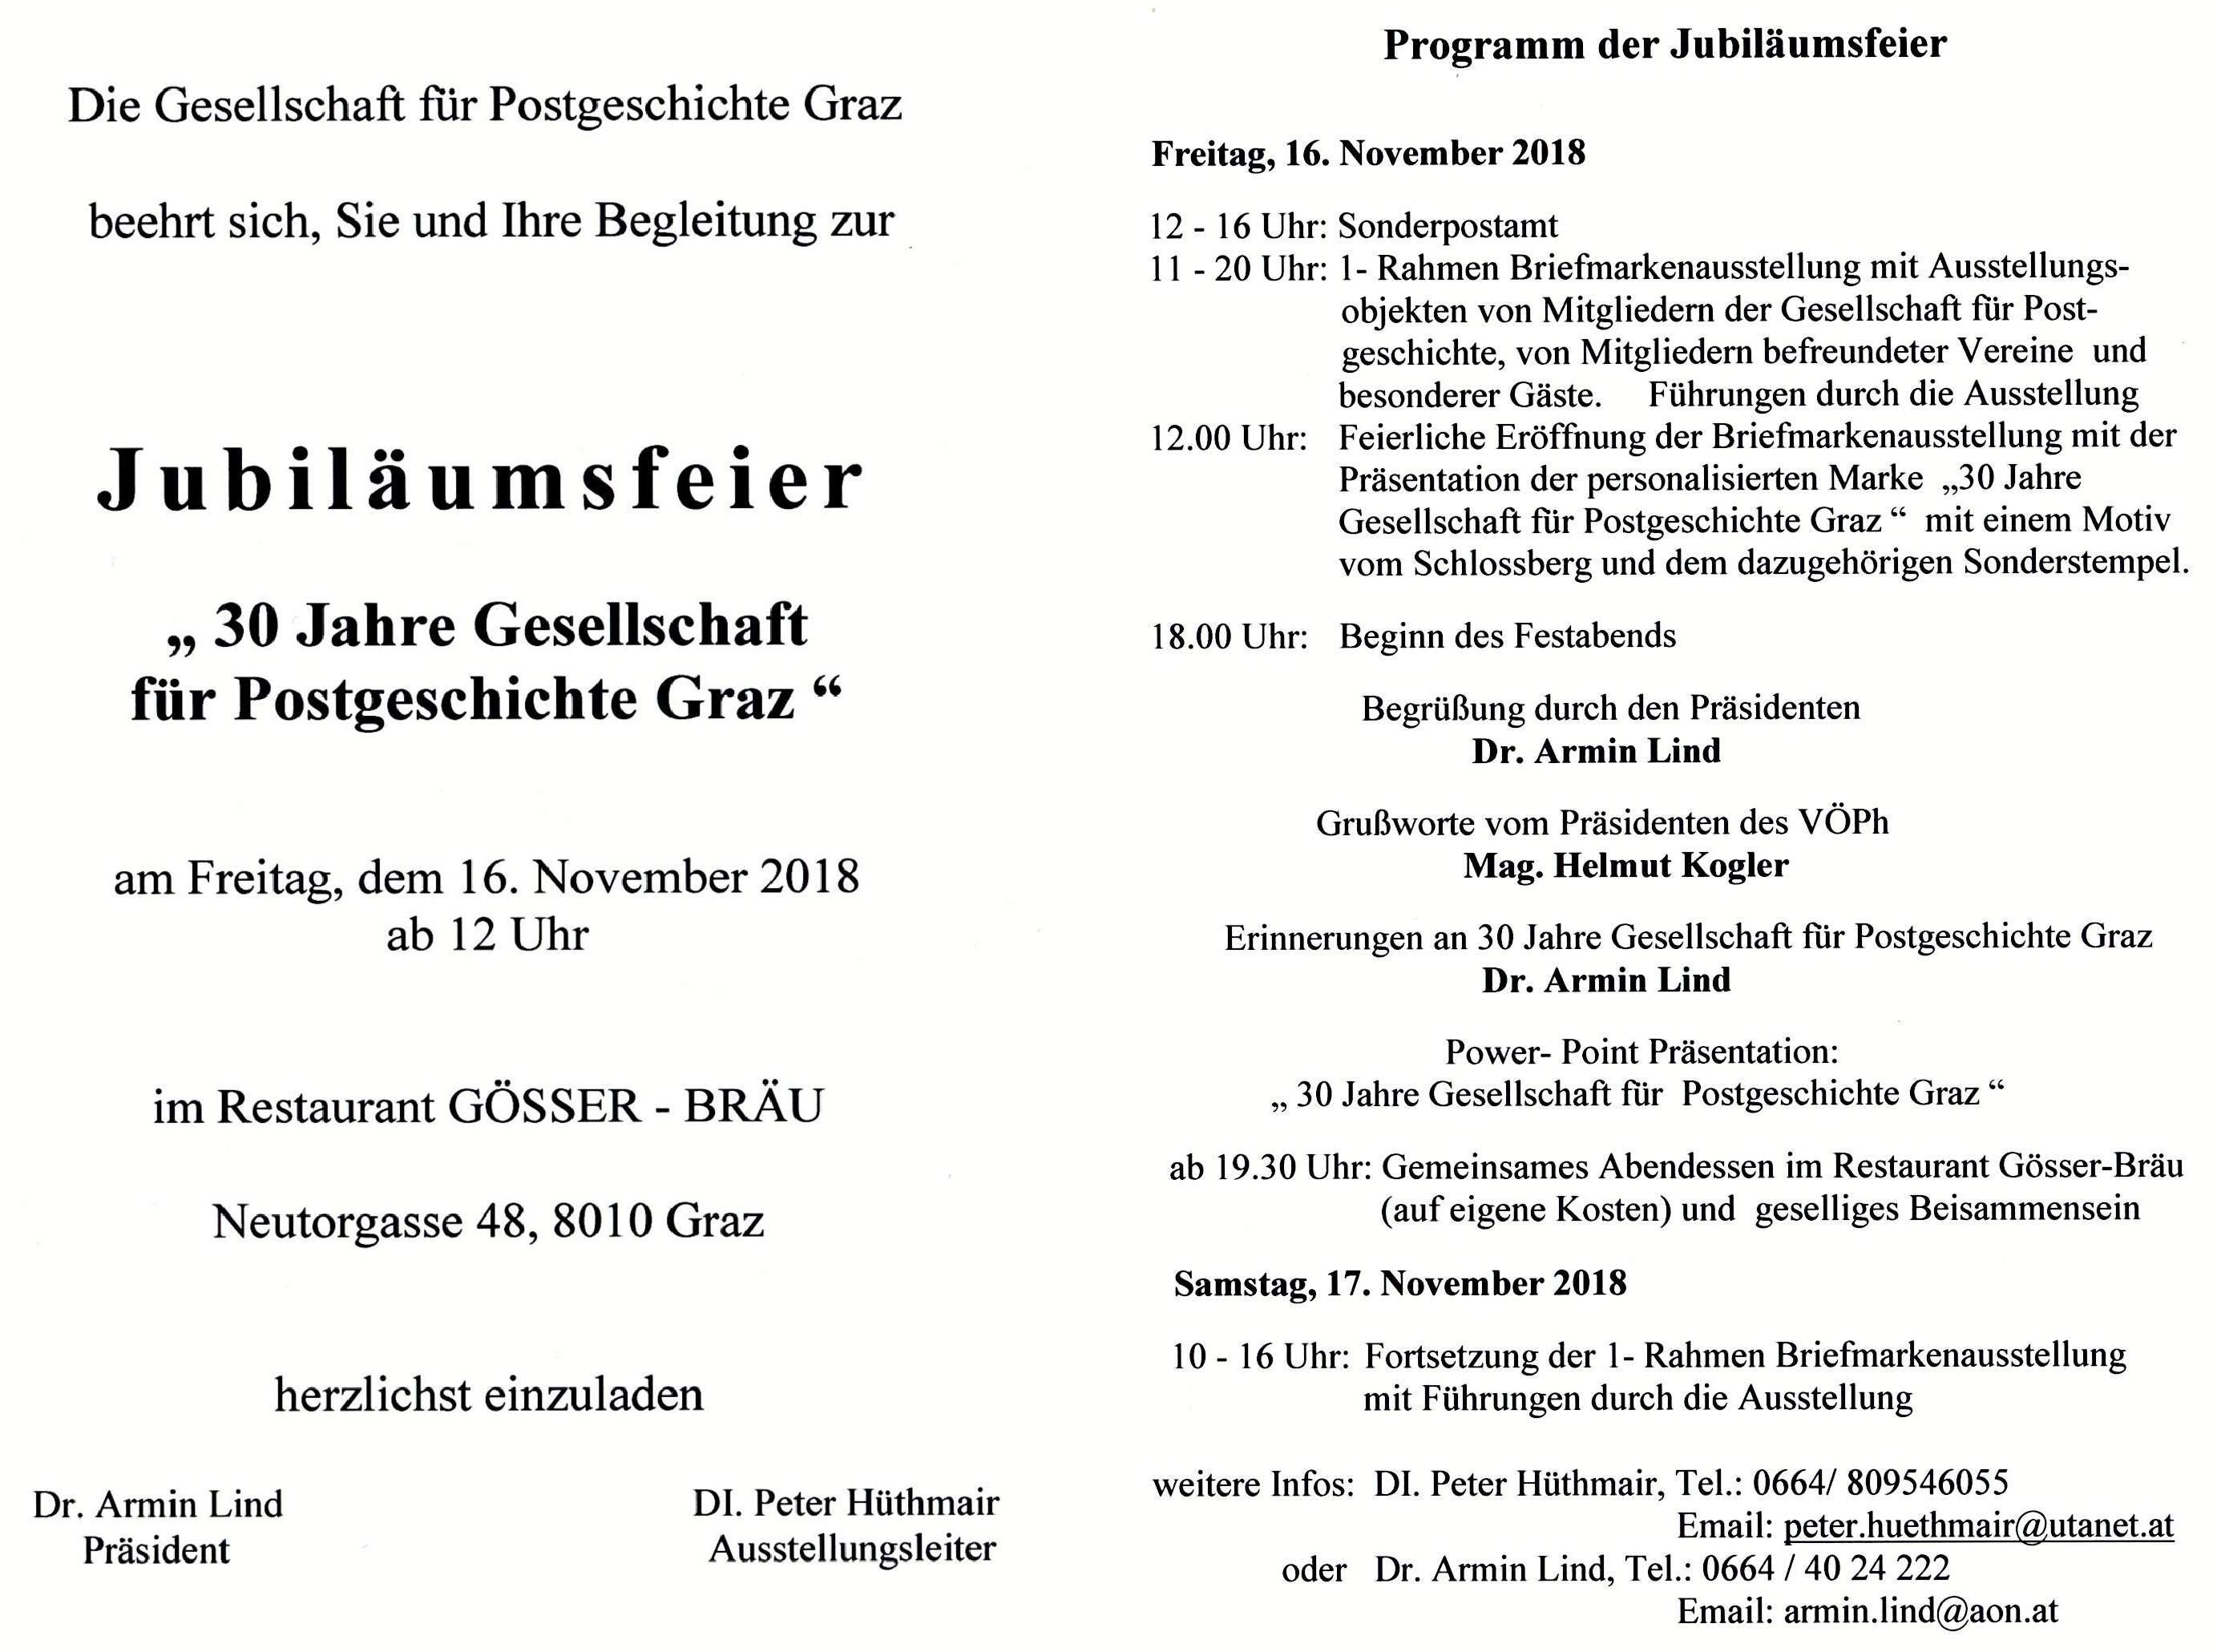 30-Jahr-Jubiläum_GfPGG